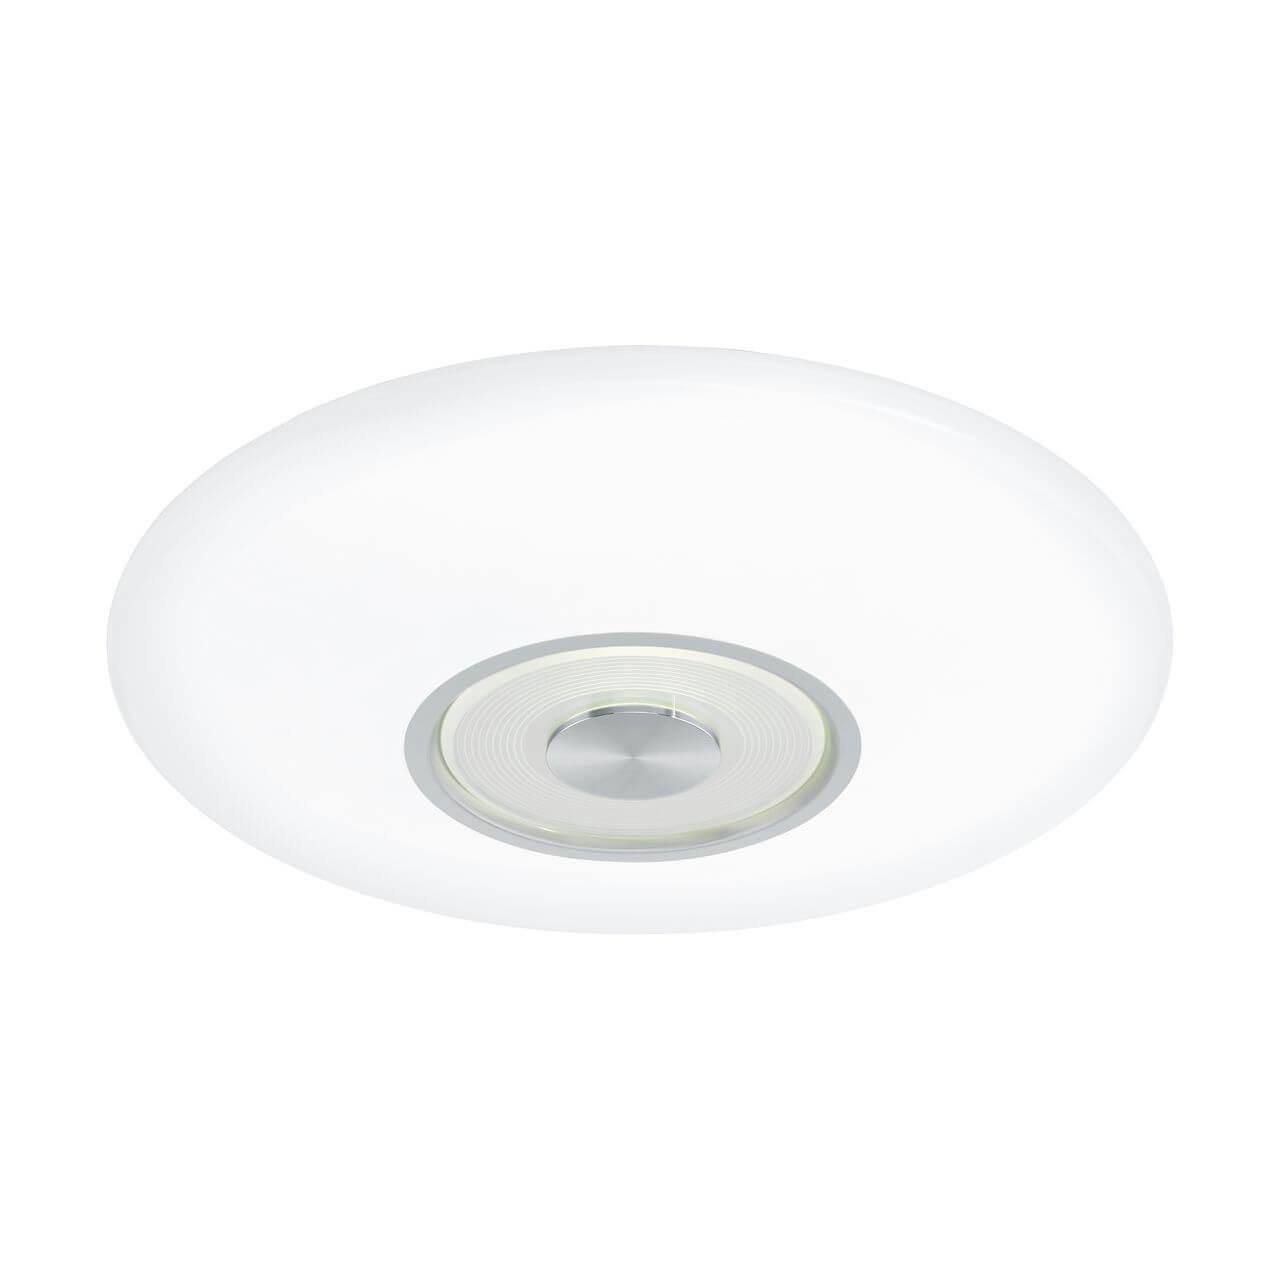 Настенно-потолочный светильник Eglo 97036, LED, 18 Вт цены